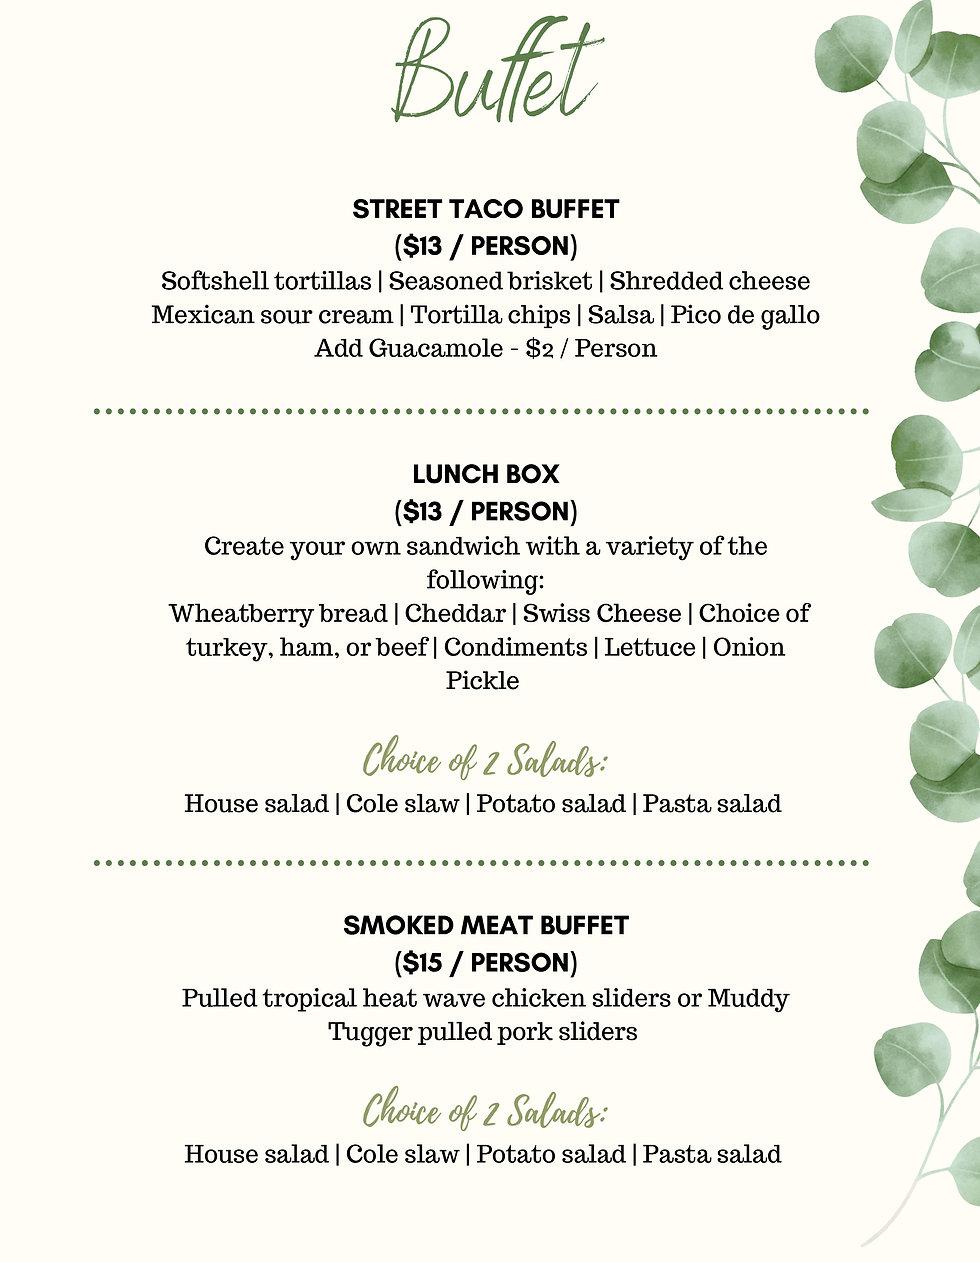 Wedding Buffet Banquet Options for 7 Hills Event Center